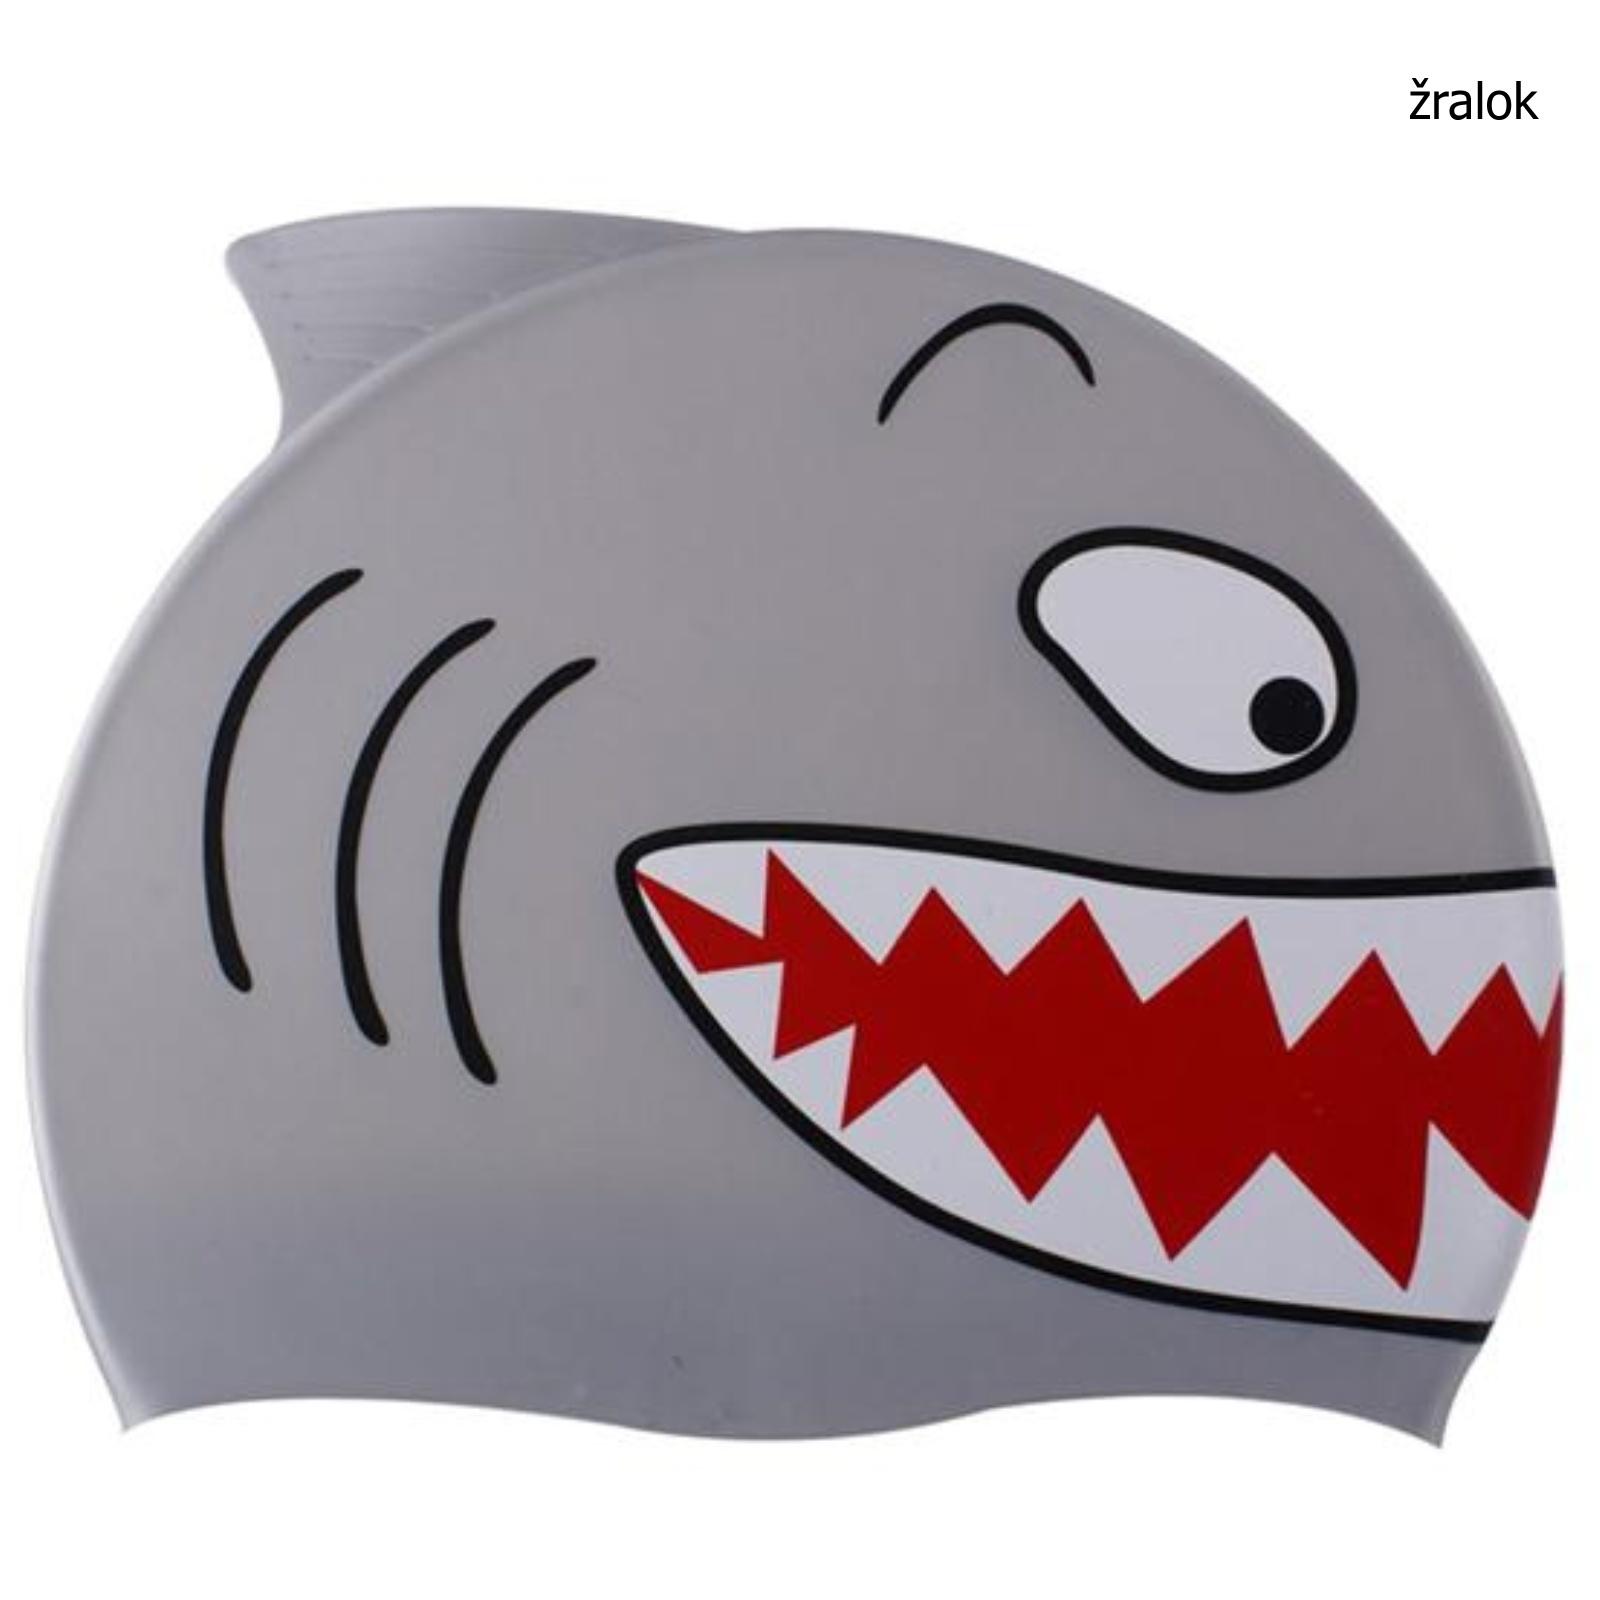 Koupací čepice dětská - žralok